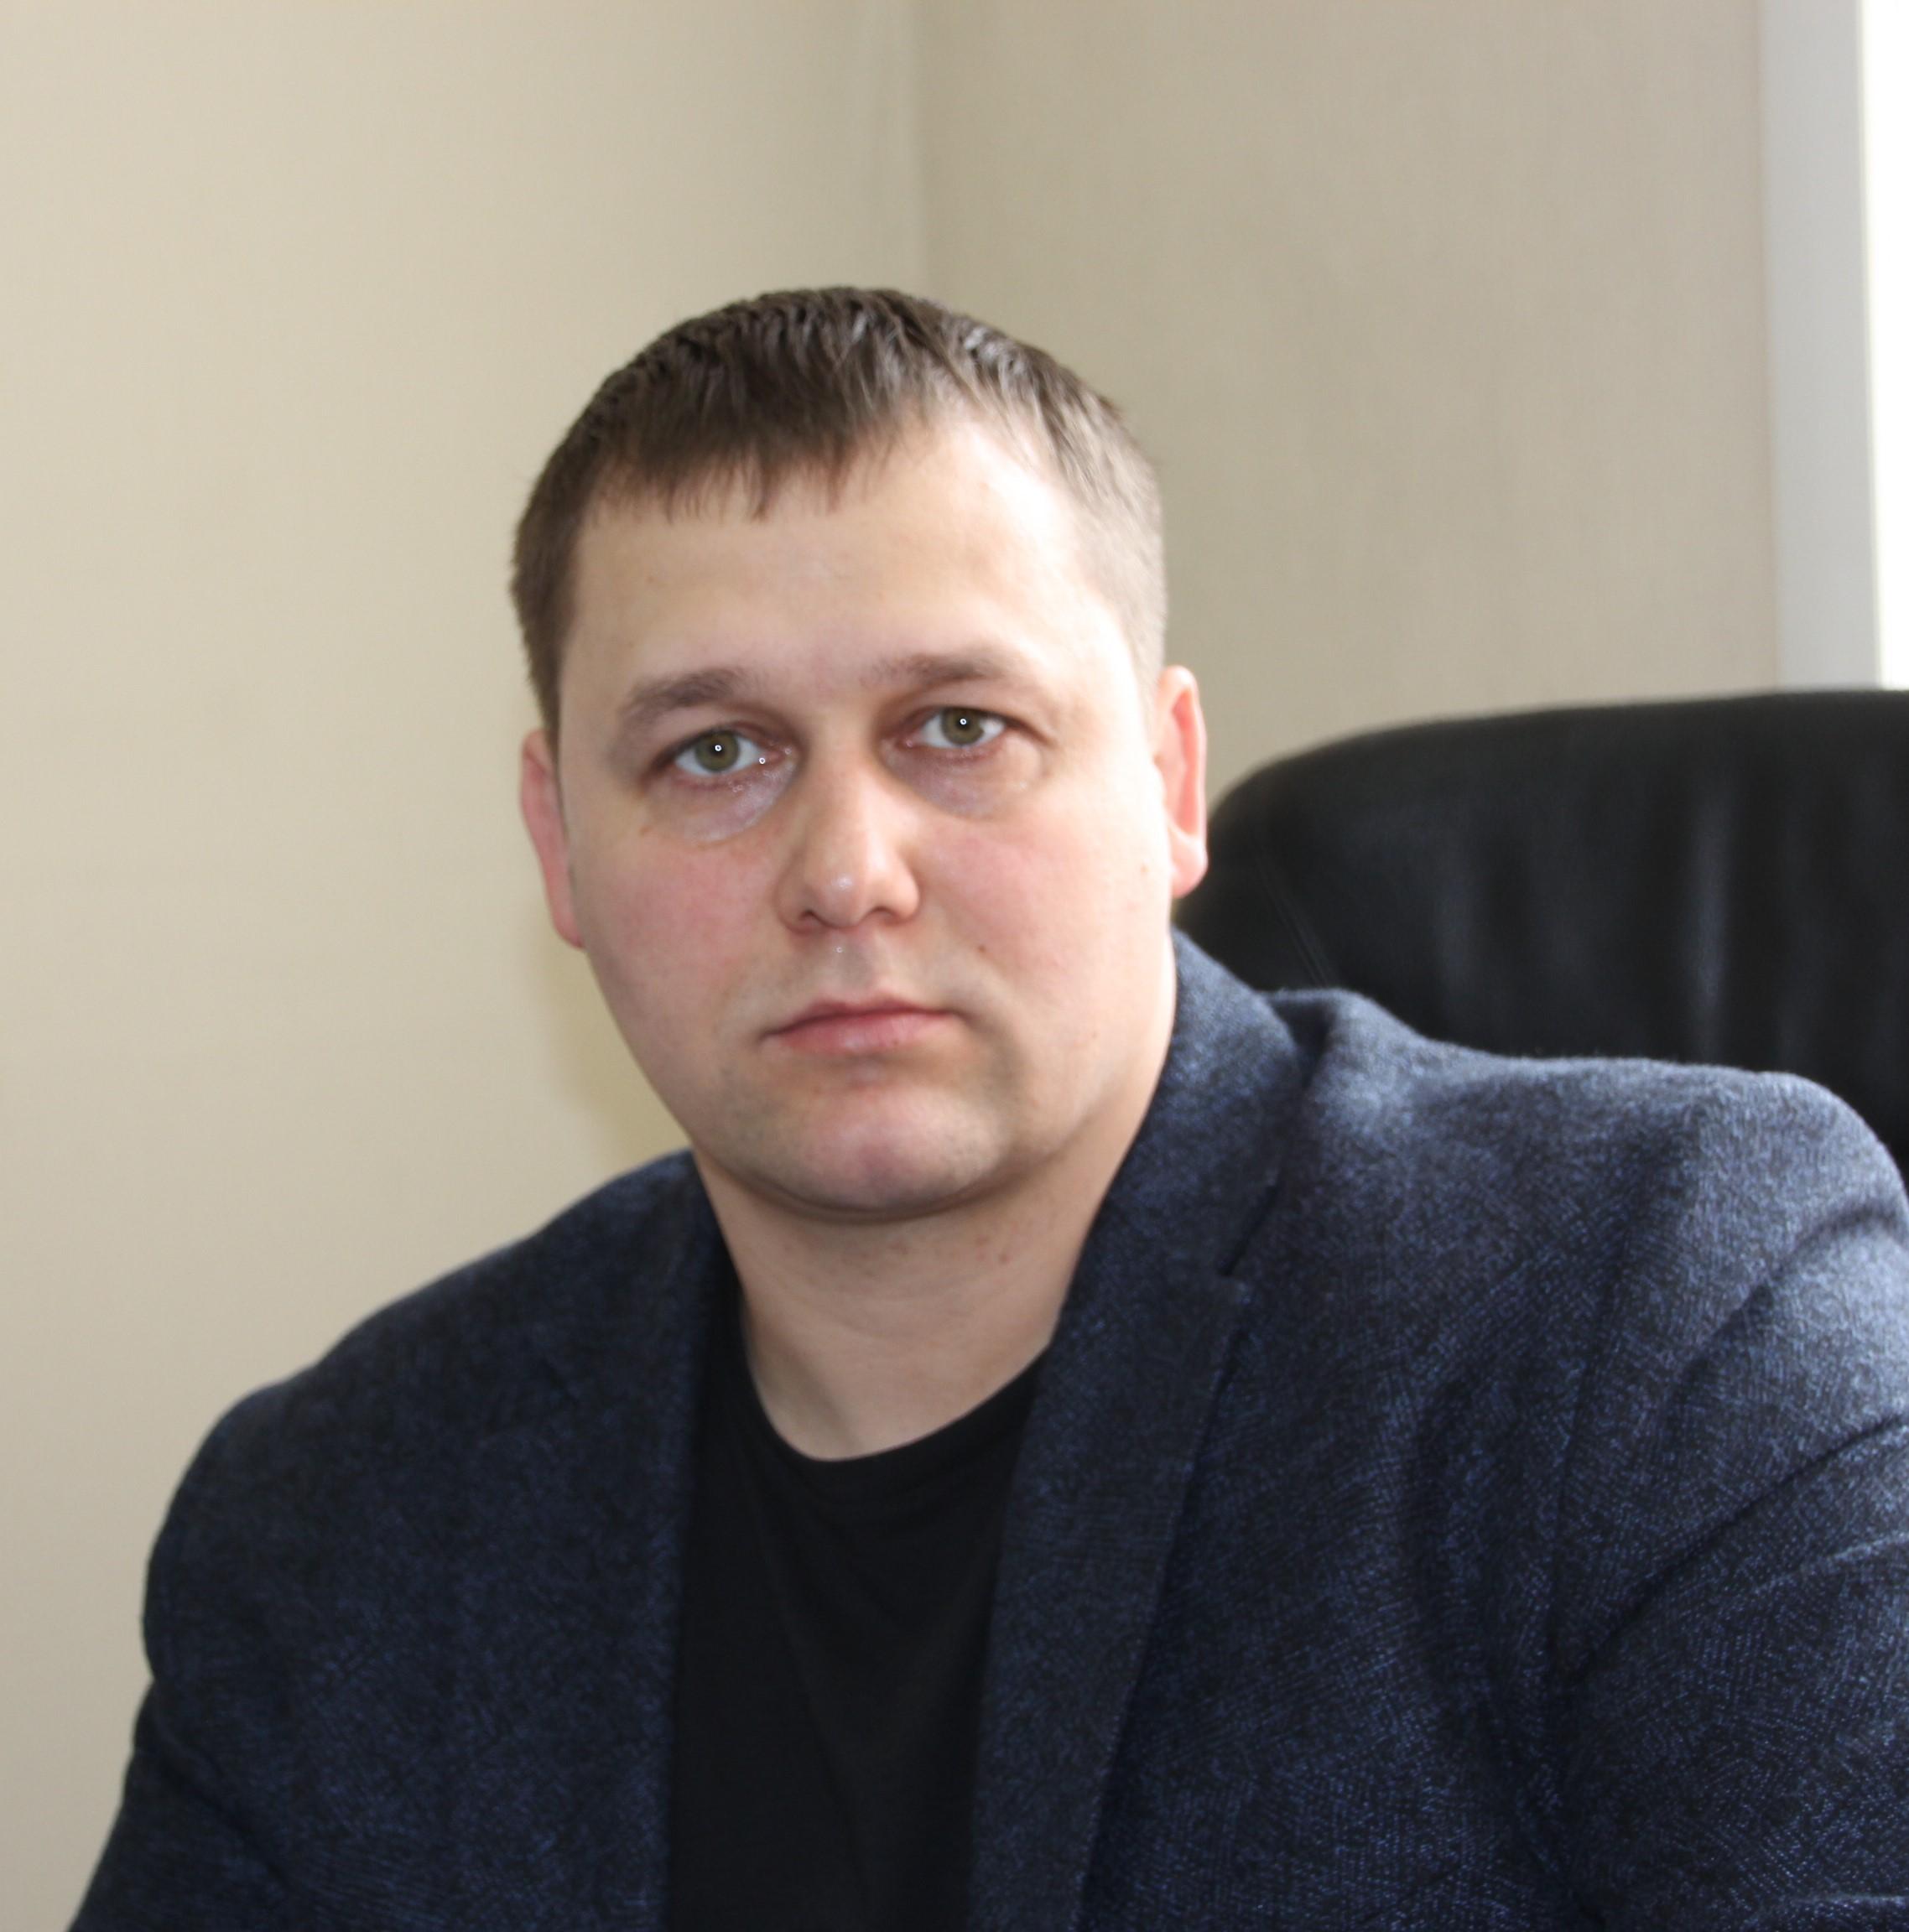 Бухтояров Дмитрий Анатольевич : Директор СШОР